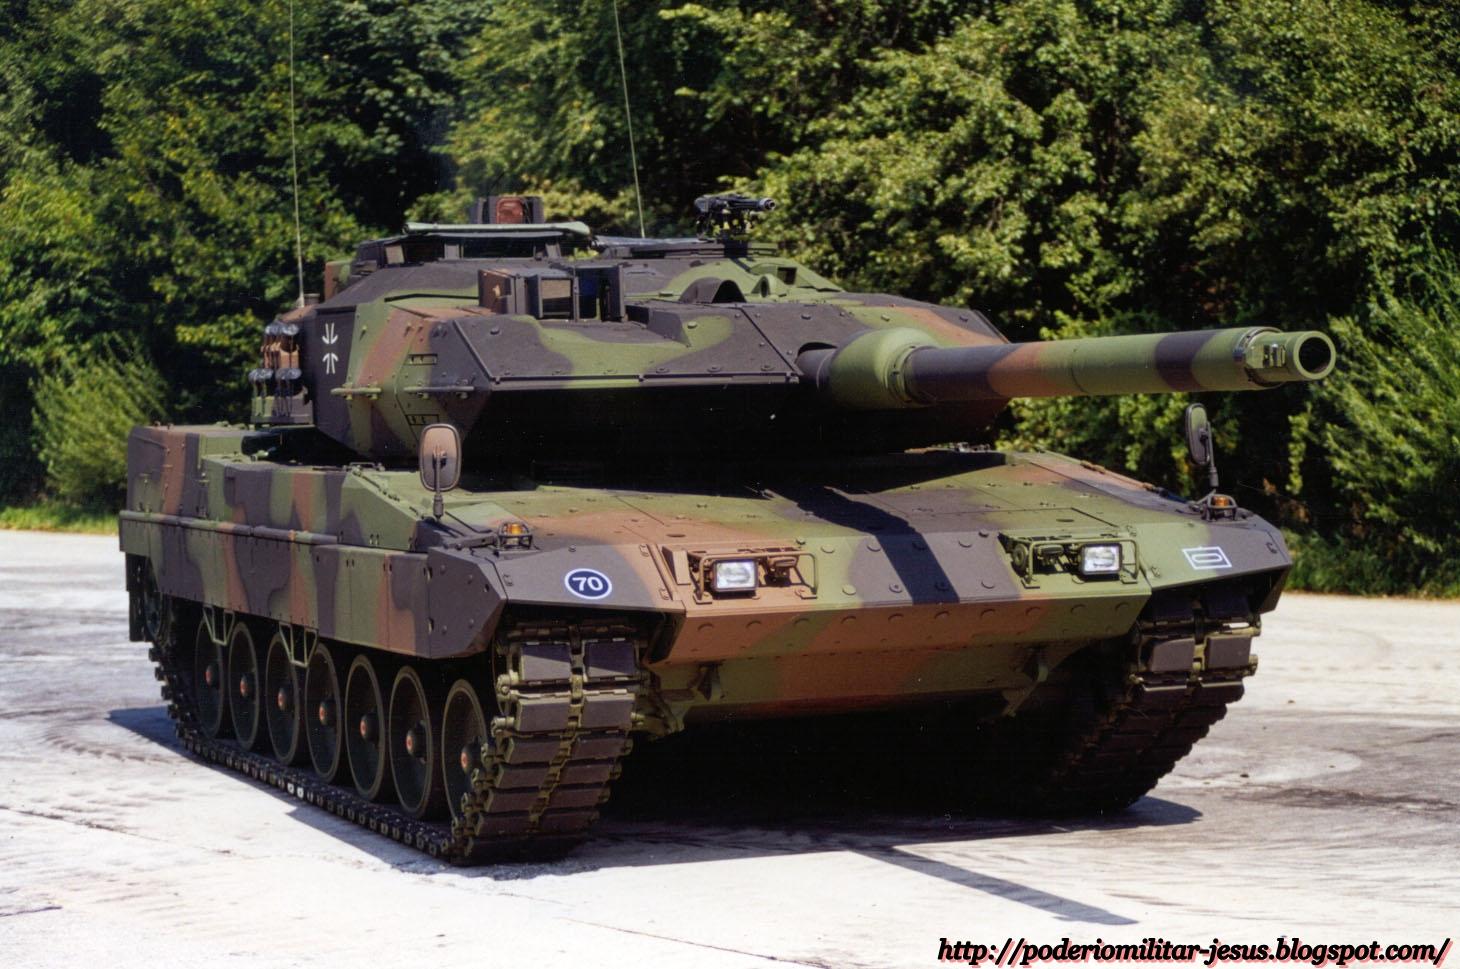 nacional - Alemania redefine su politica de seguridad nacional. Tanque%2BLeopard%2B2A6